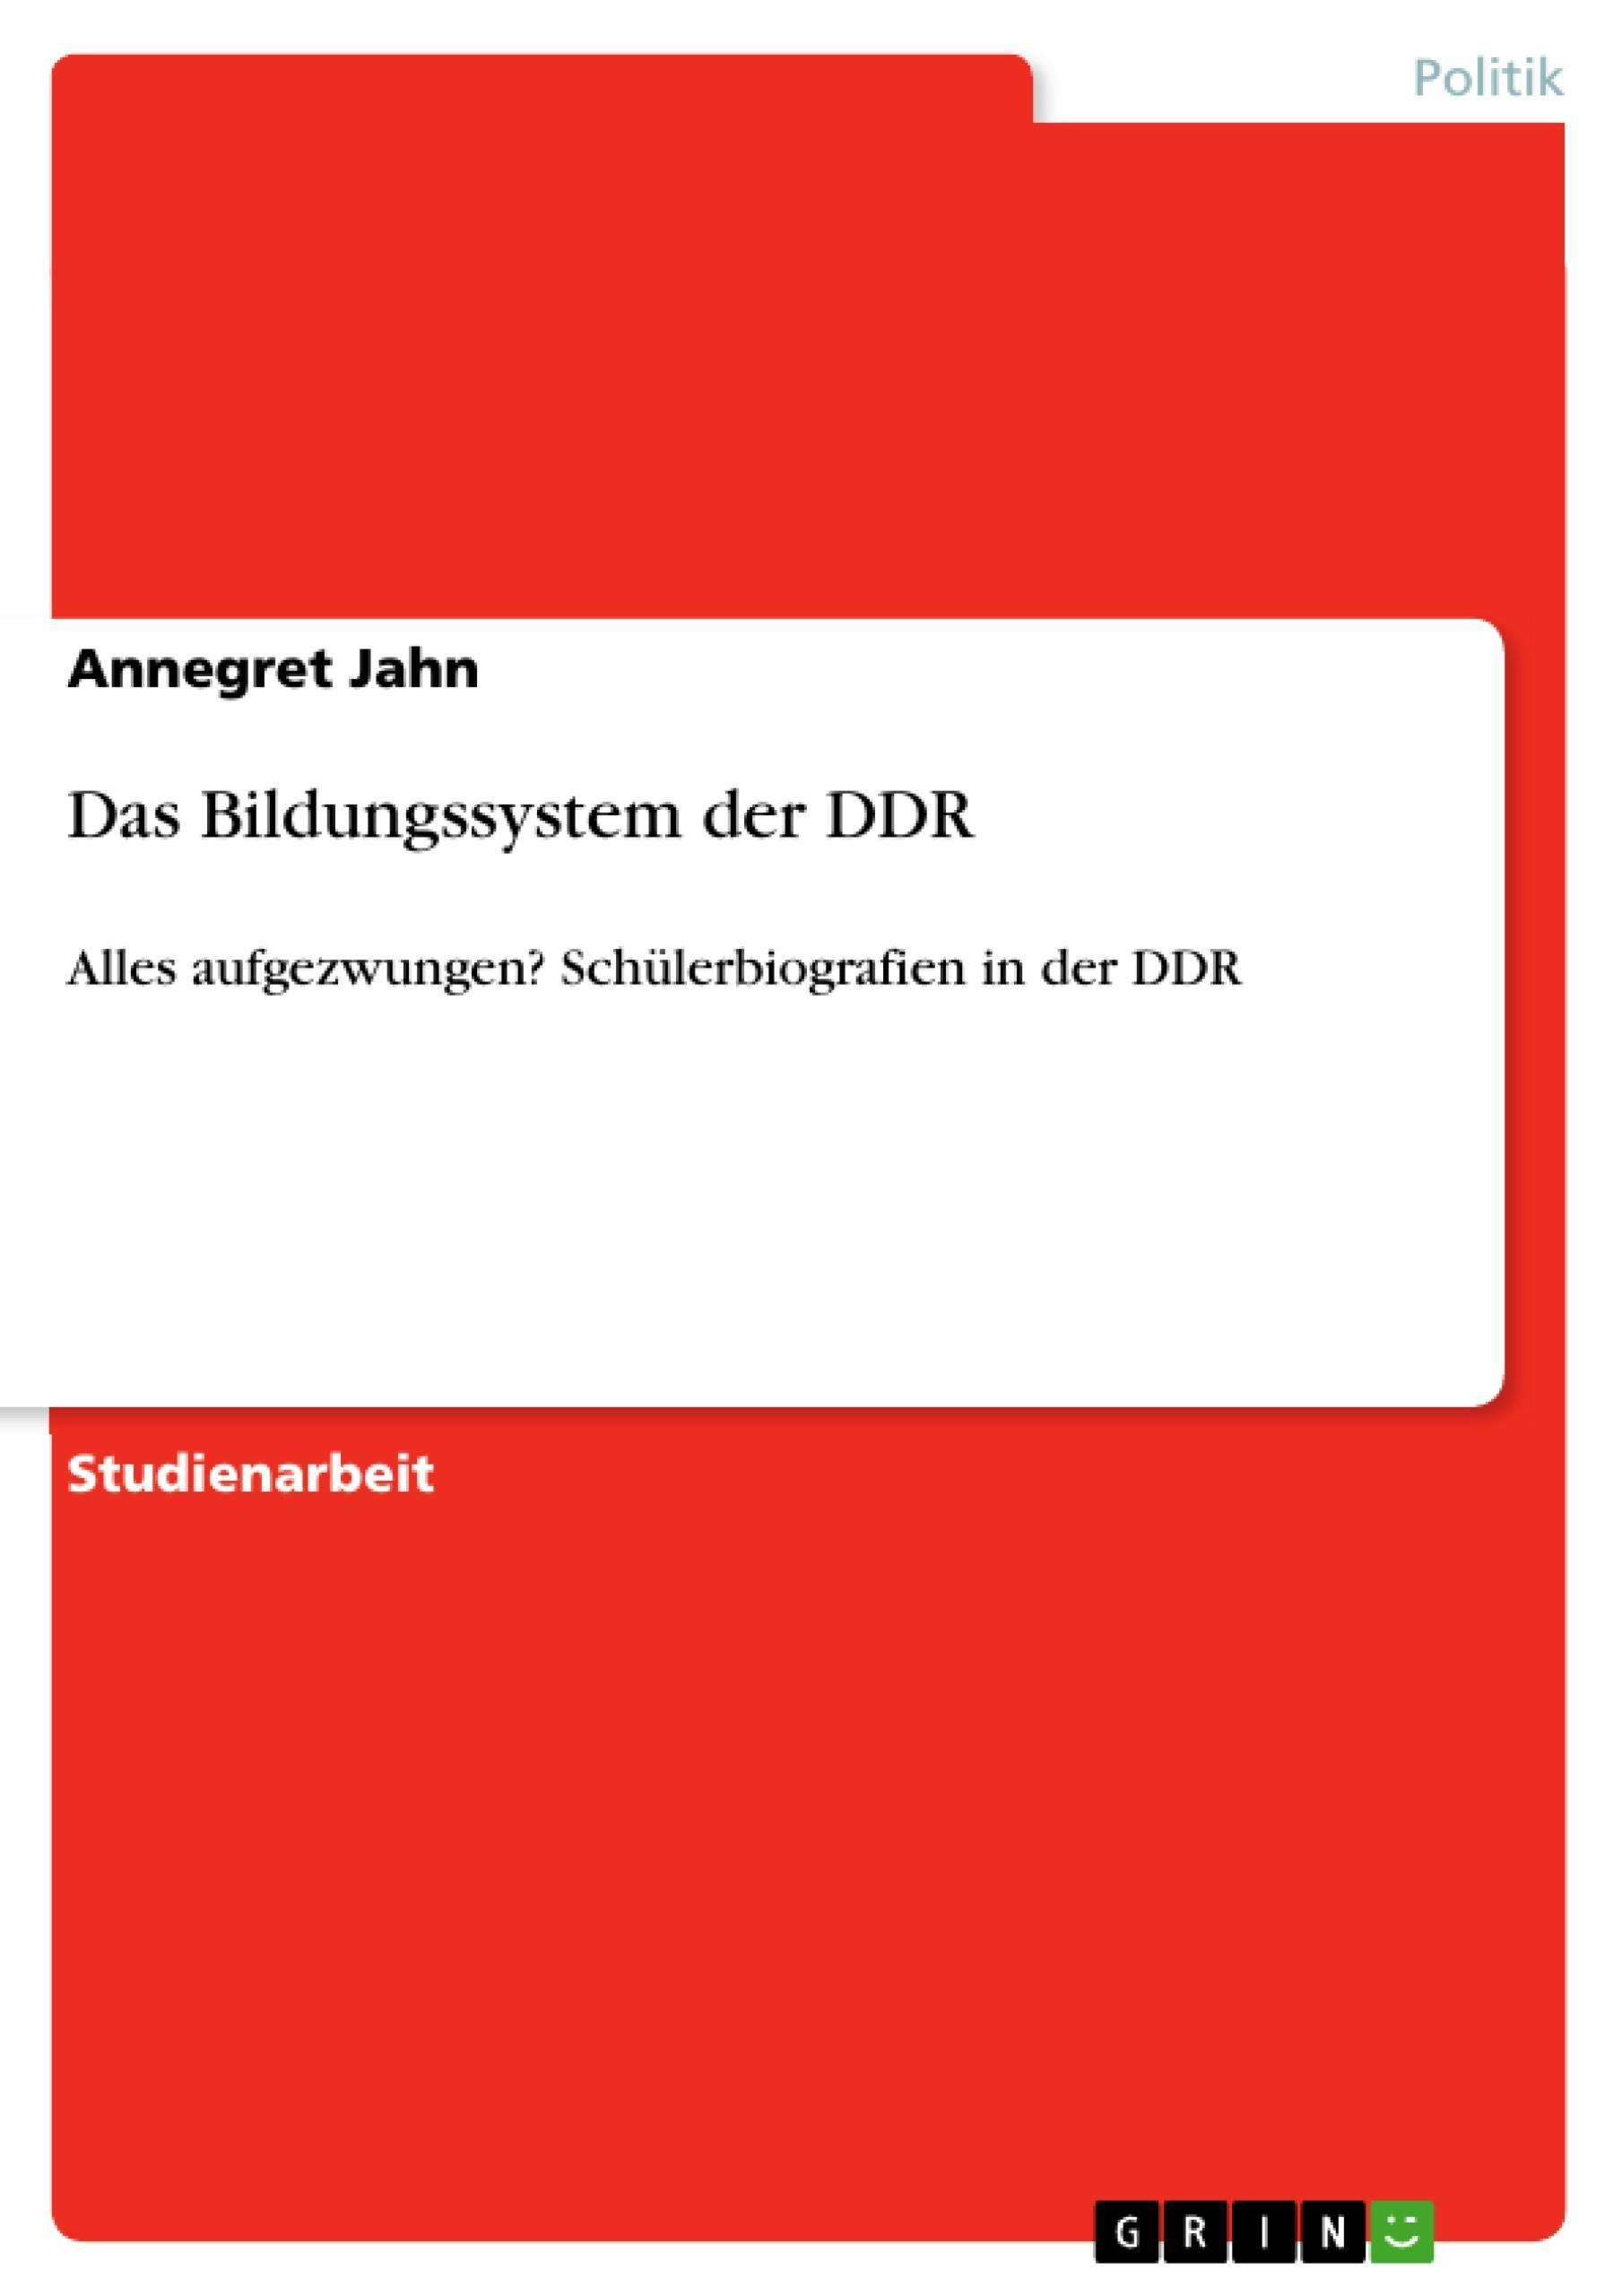 Das Bildungssystem der DDR ~ Annegret Jahn ~  9783668090385